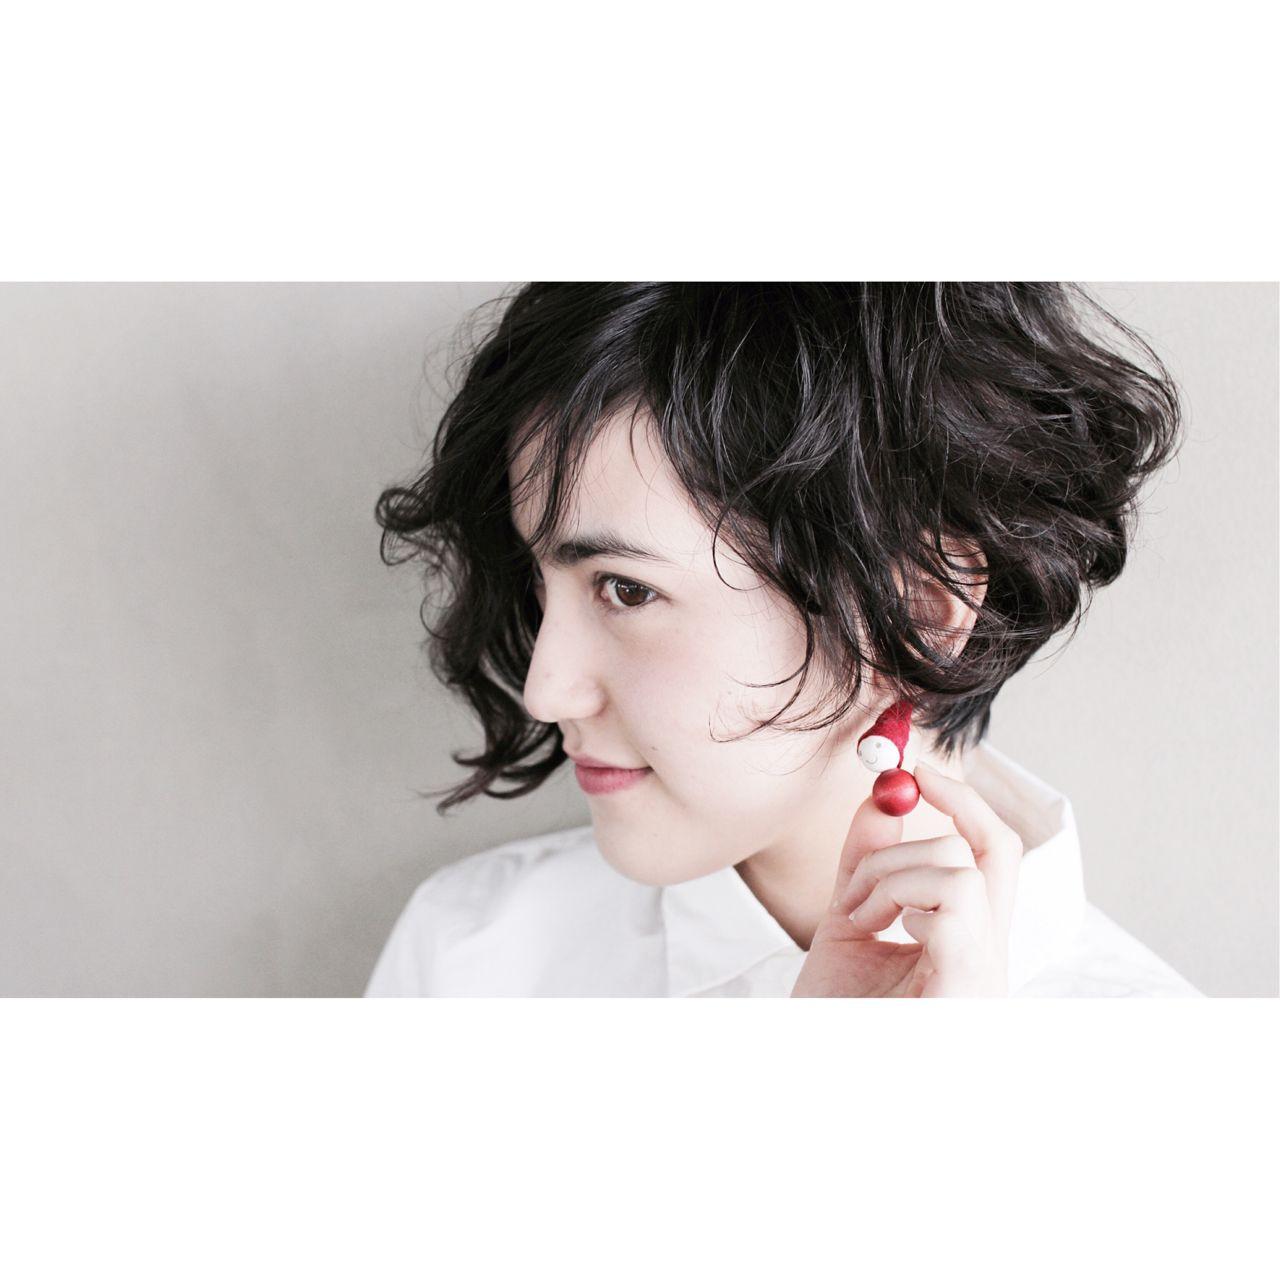 甘さは一切なし!辛口女子におすすめ☆ジェンダーレス女子の髪型とは? 佐野 正人 / nanuk